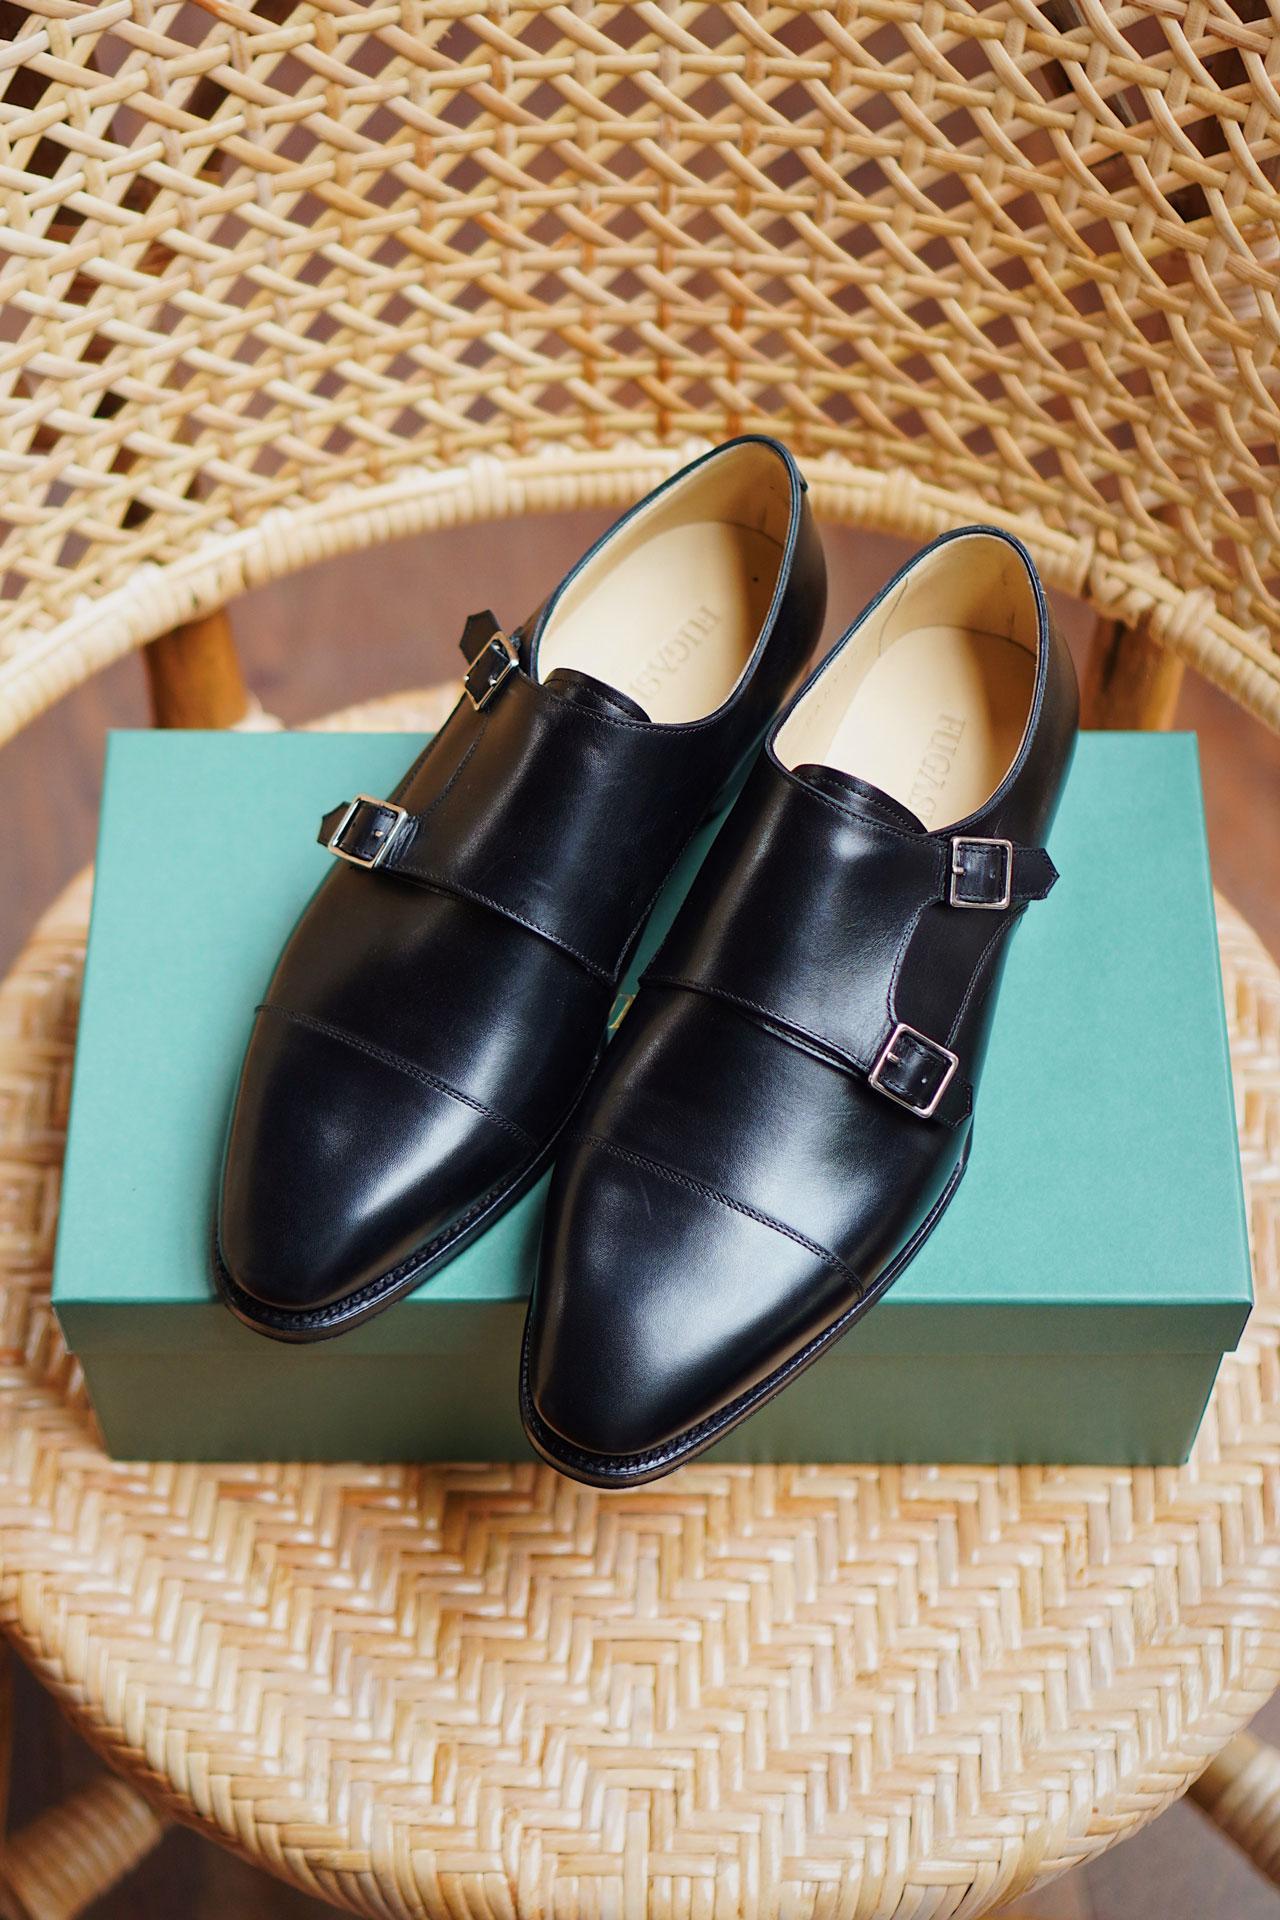 รองเท้า Double monk strap จาก Fugashin